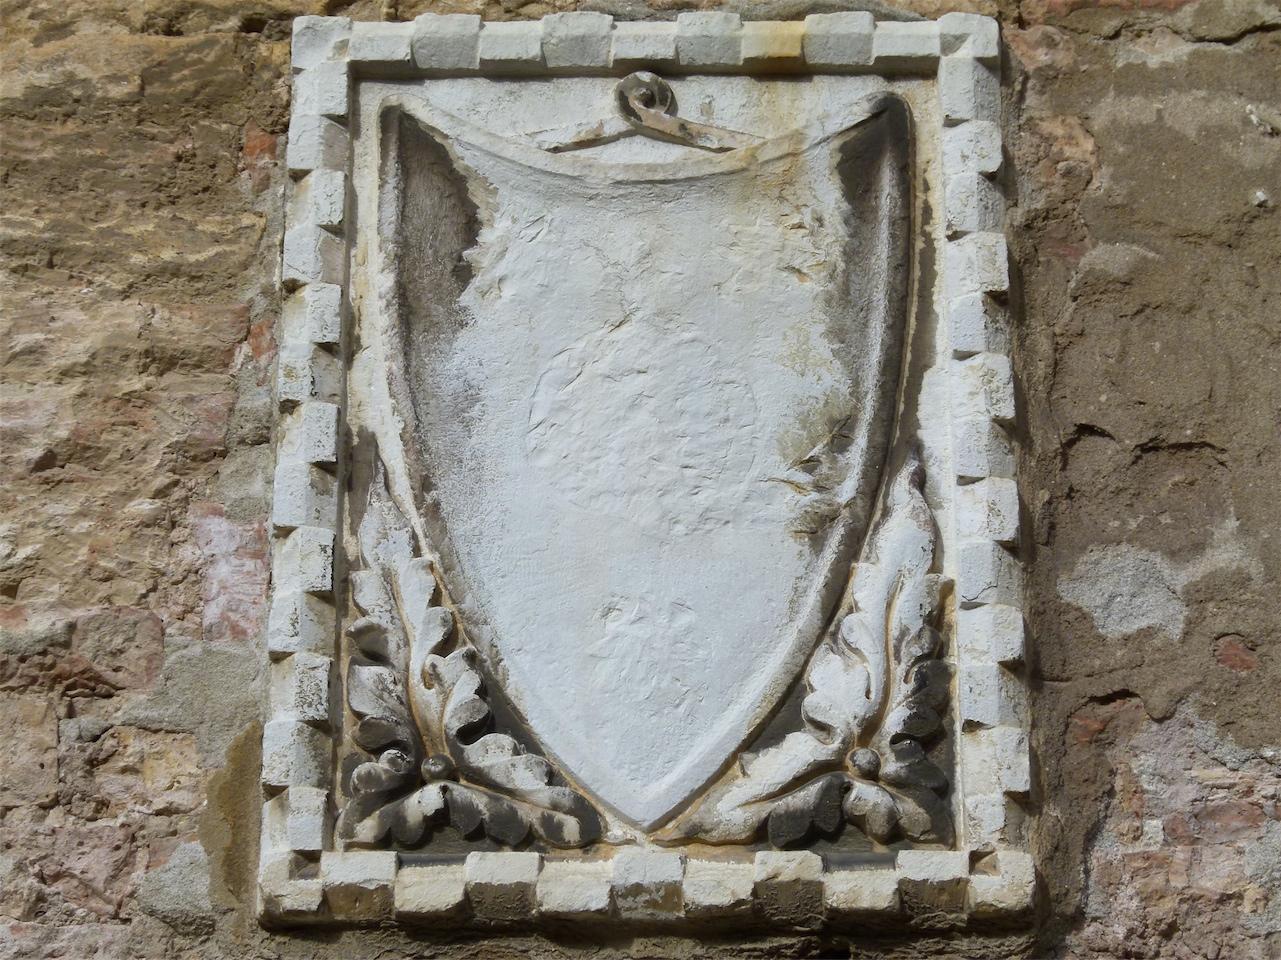 stemma gentilizio (rilievo, opera isolata) - ambito veneziano (sec. XIV)